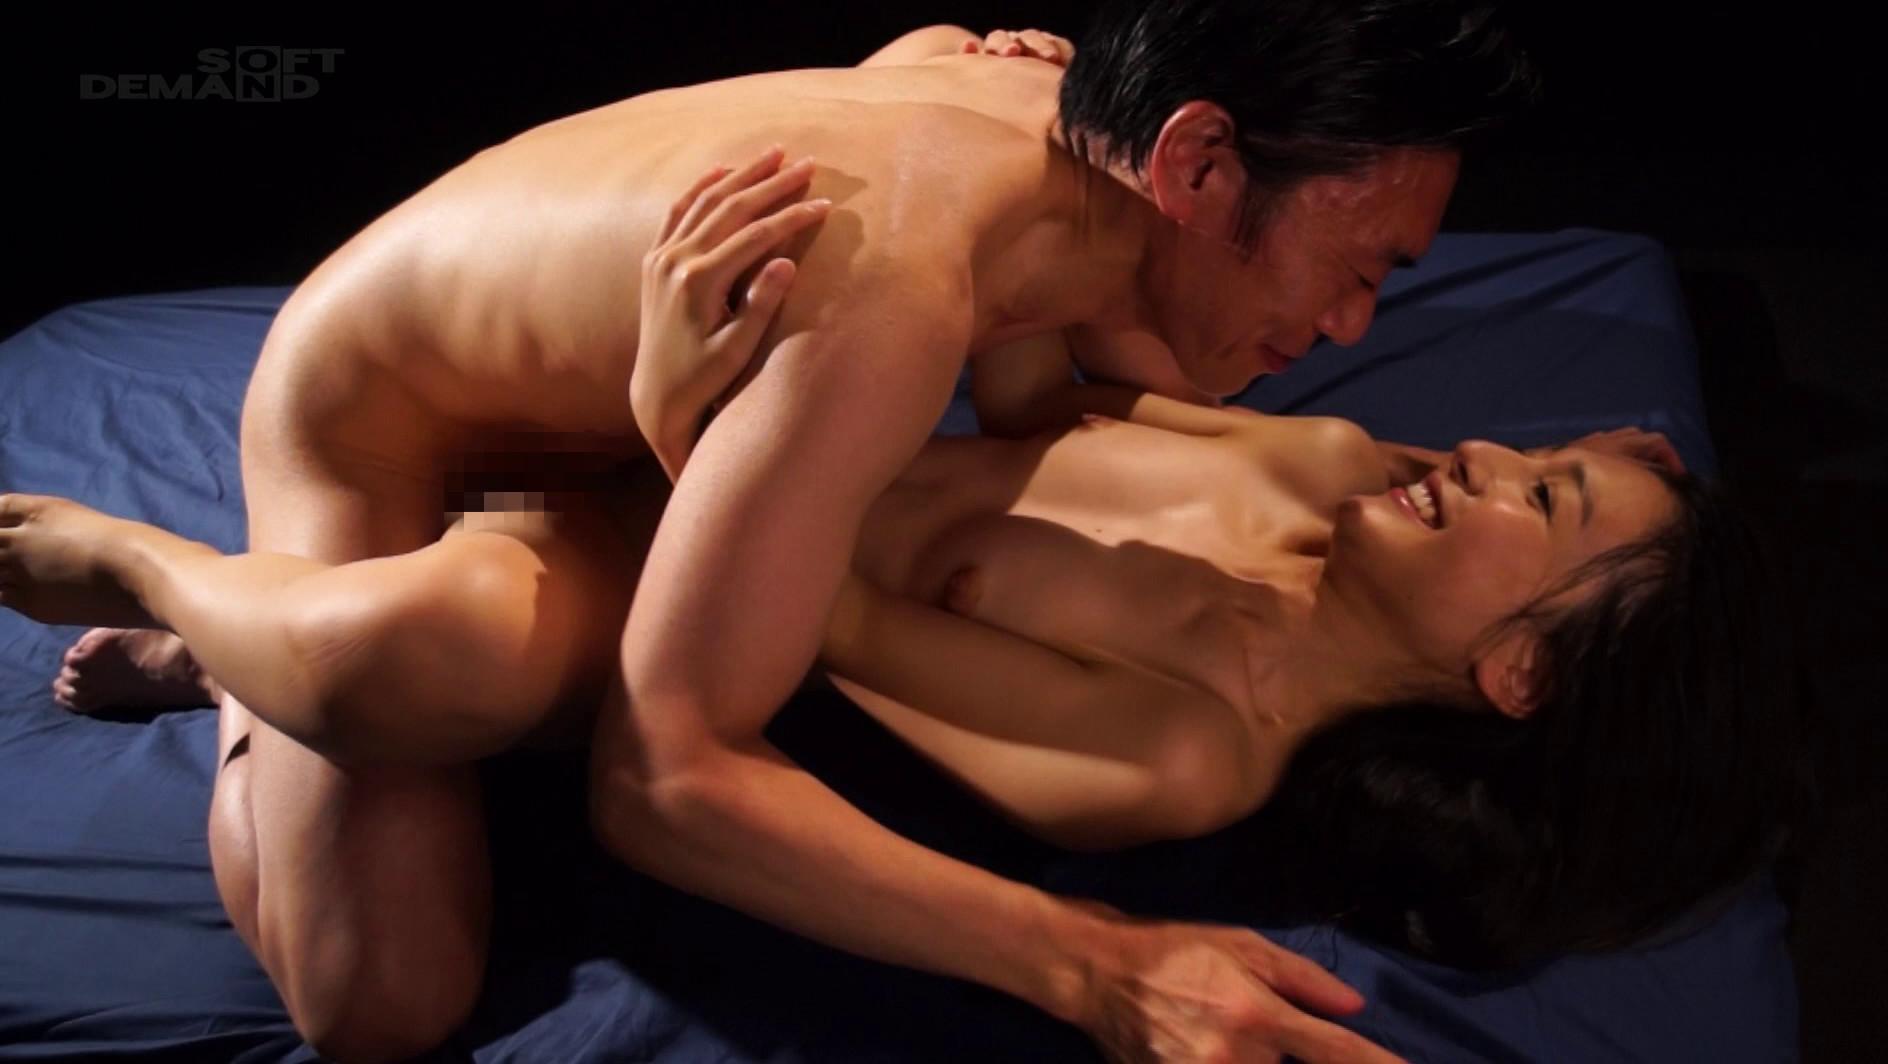 田淵式 秘技伝授 ~道具や体力に頼らずに女性を喜ばせることができる性儀~ 画像9